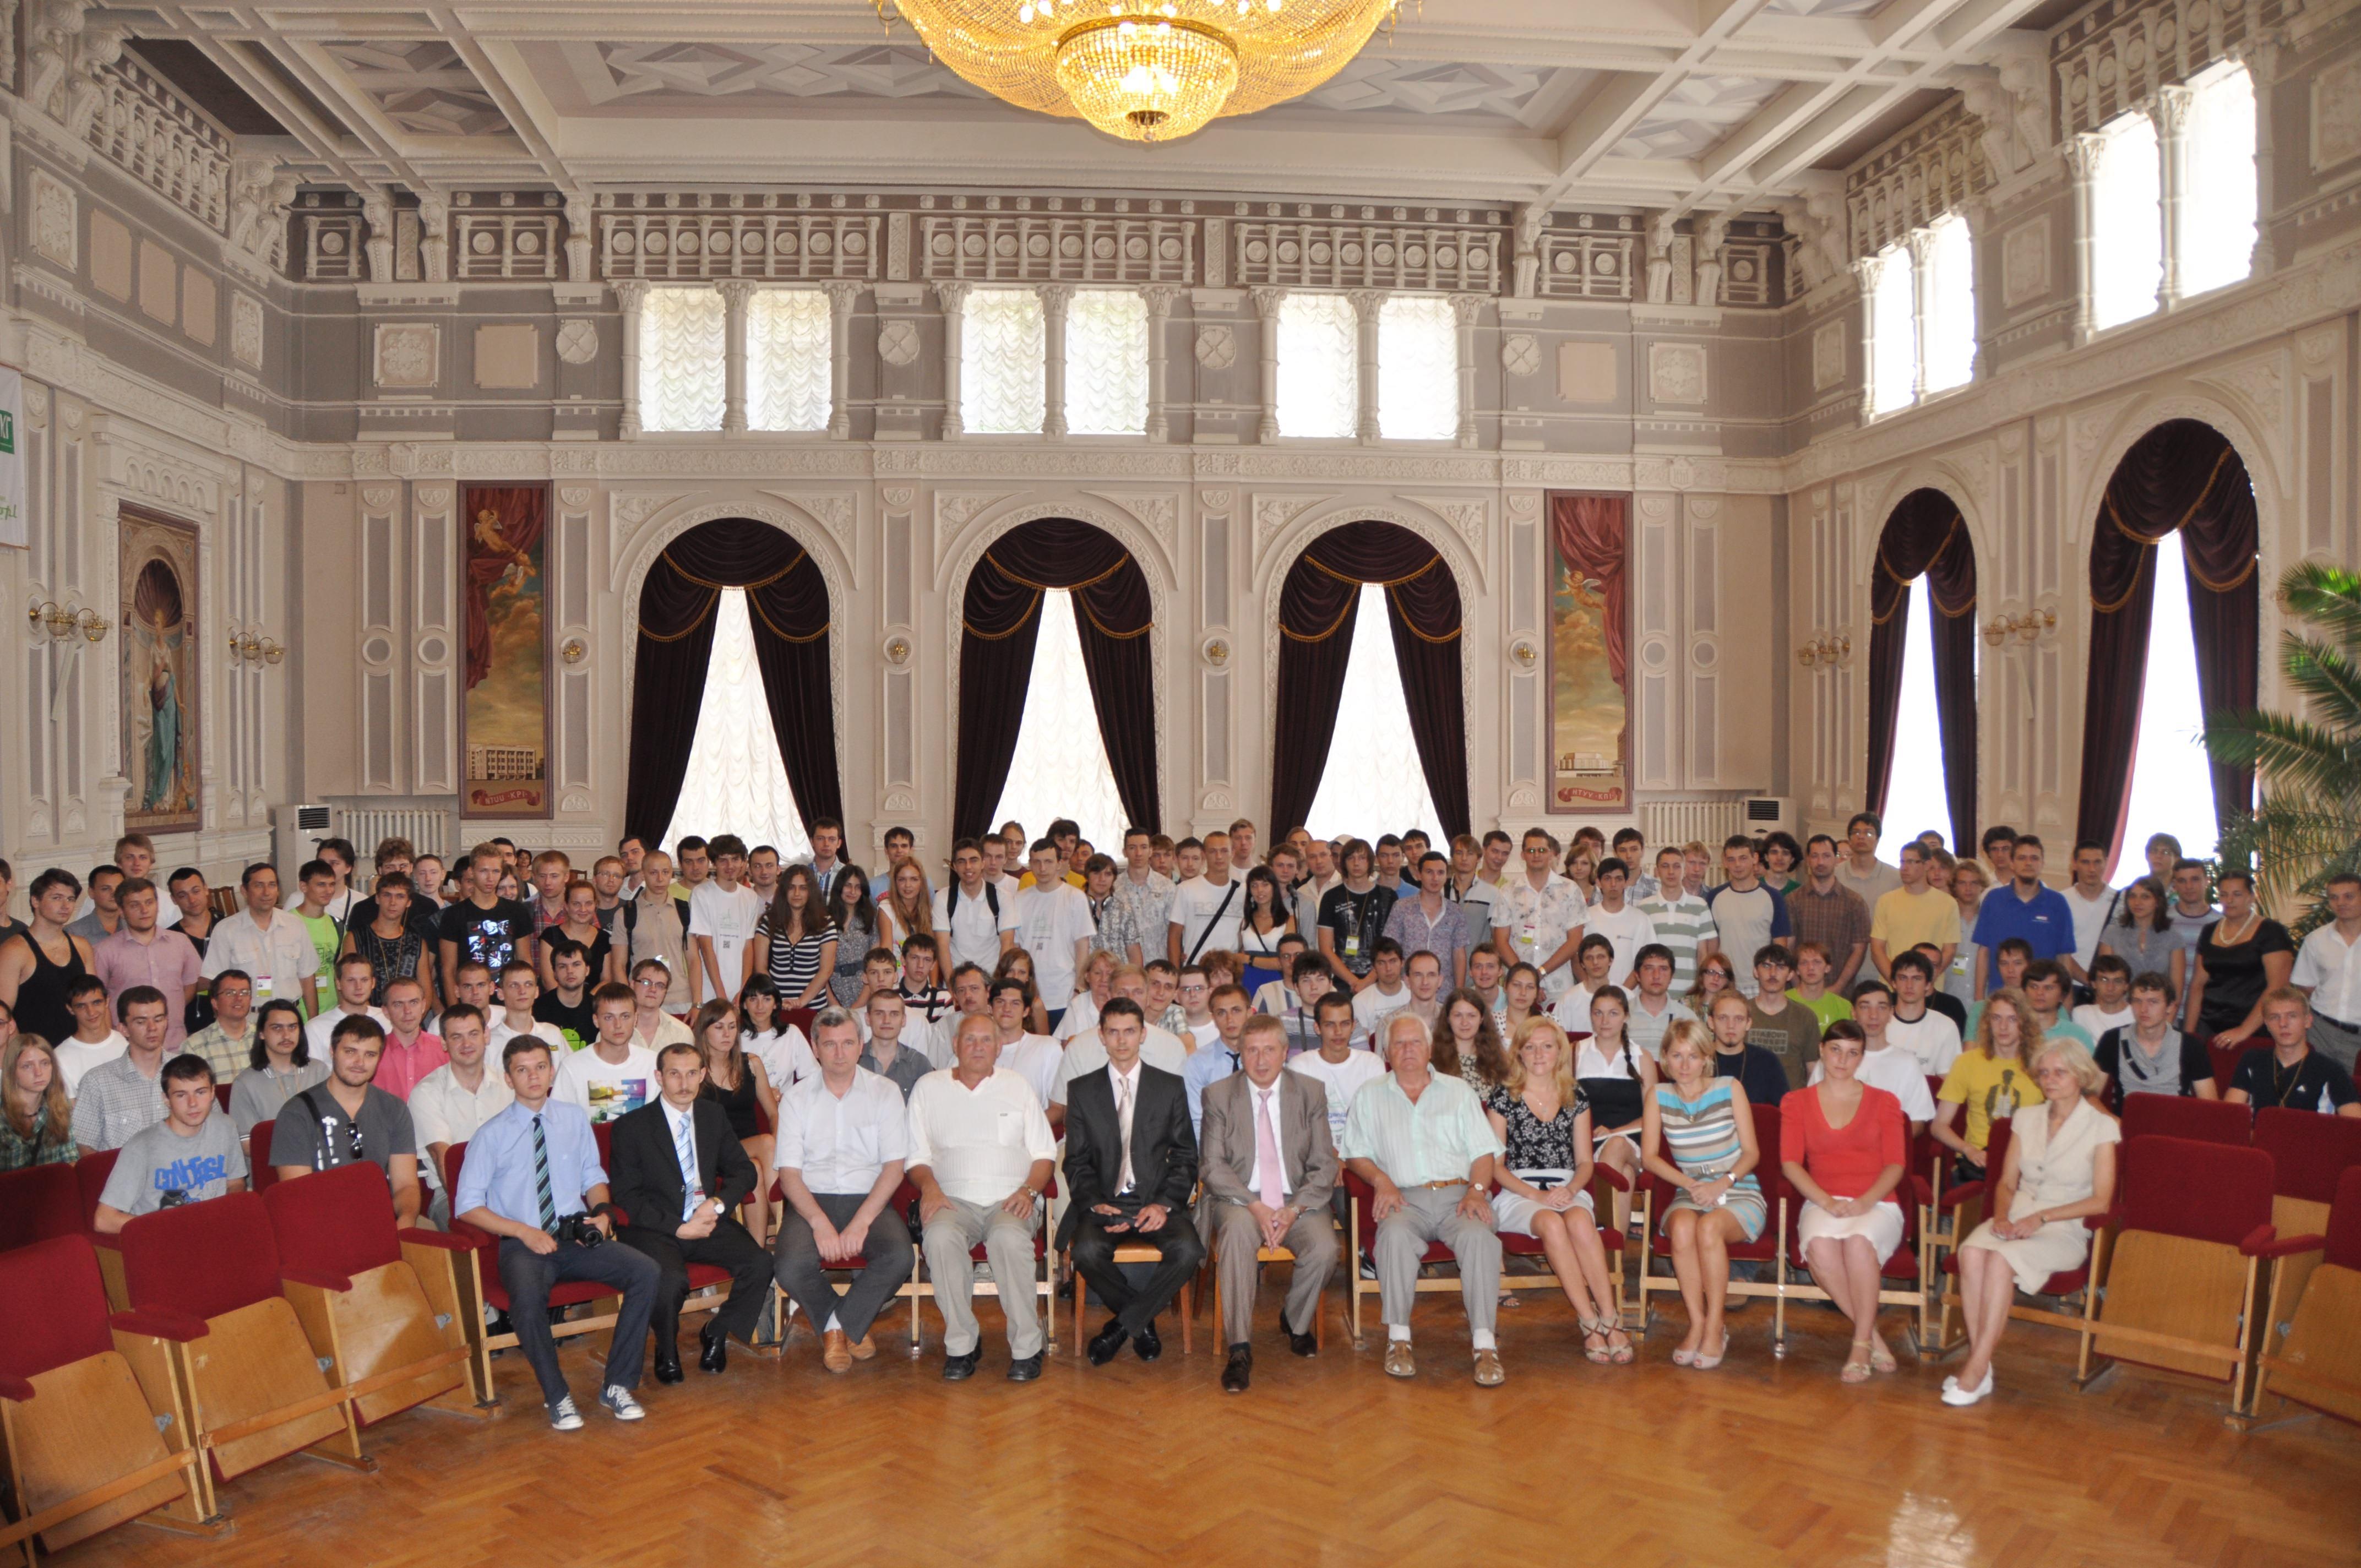 Девятая международная открытая студенческая олимпиада по программированию имени С.А. Лебедева и В.М. Глушкова «KPI-OPEN 2014»